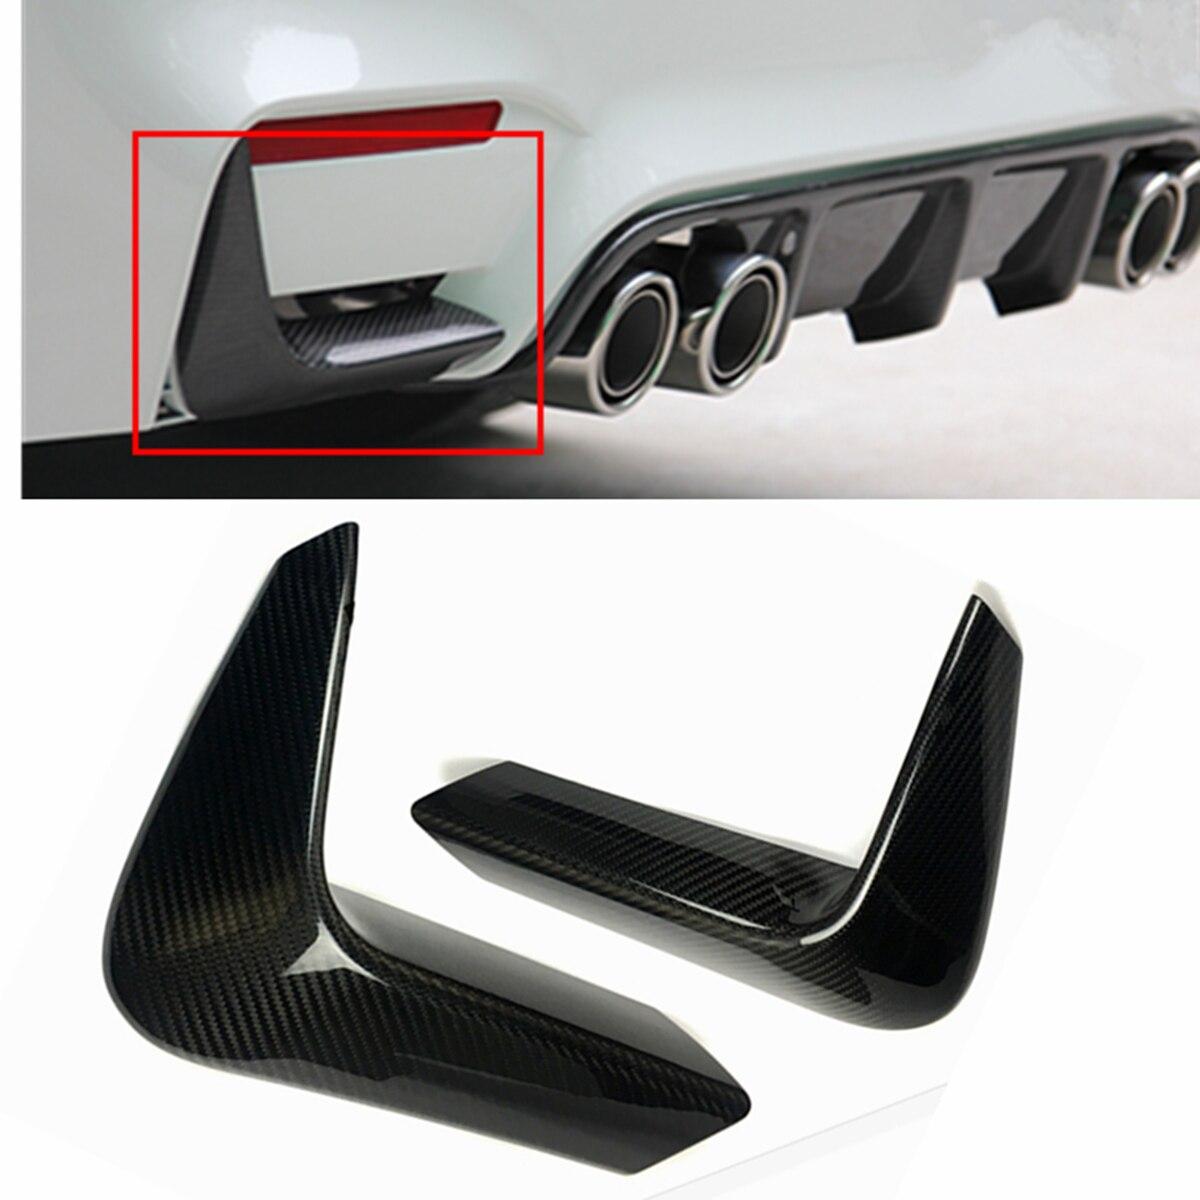 1 пара автомобилей углеродного волокна заднего бампера нижнем углу Подзор охватывает сплиттер Спойлеры fit для BMW F80 M3 F82 F83 m4 2015-2018